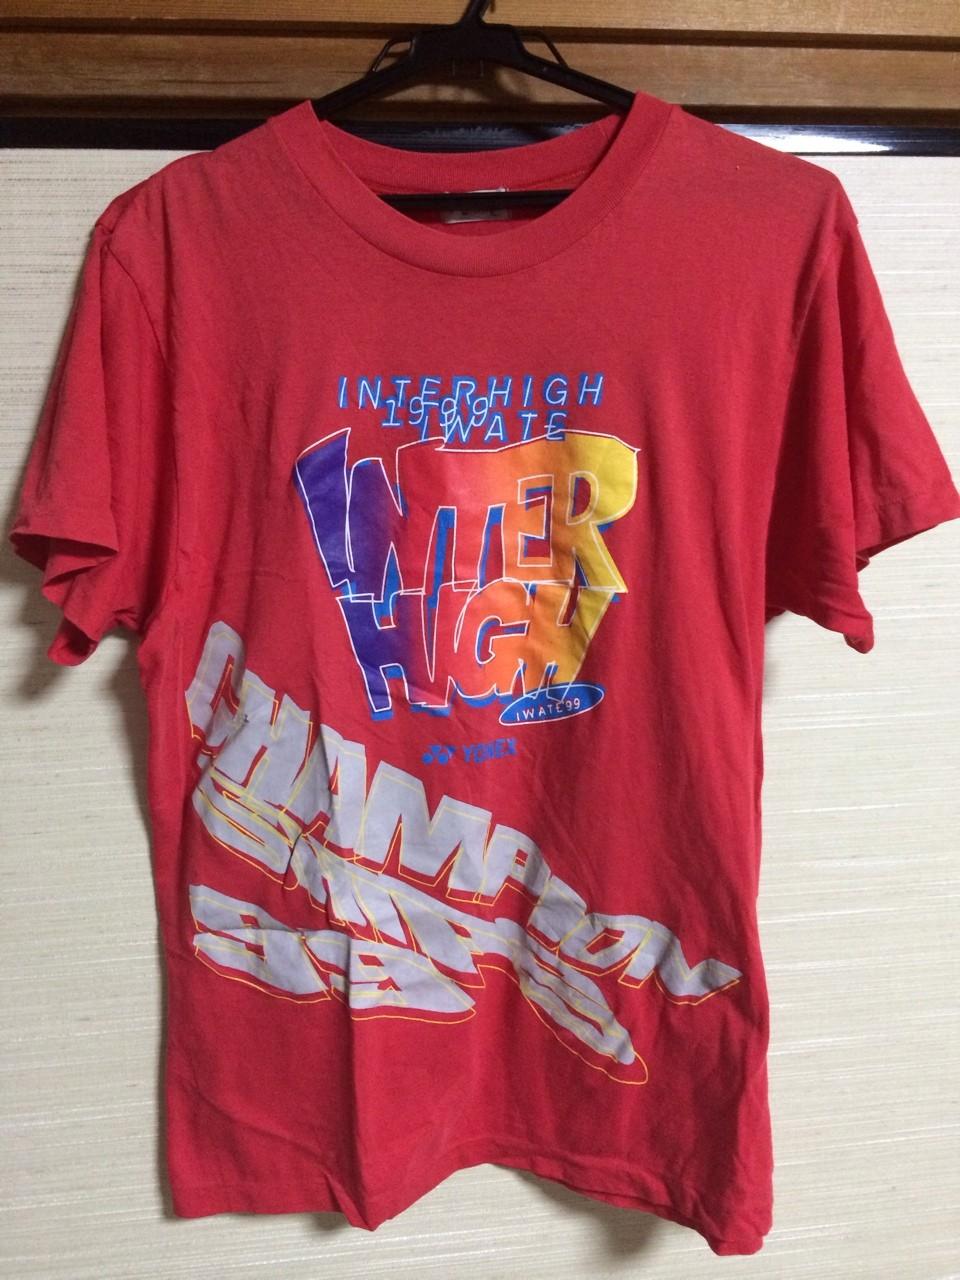 ぉまみ家最古のインターハイTシャツ★ 1999岩手インターハイTシャツです!